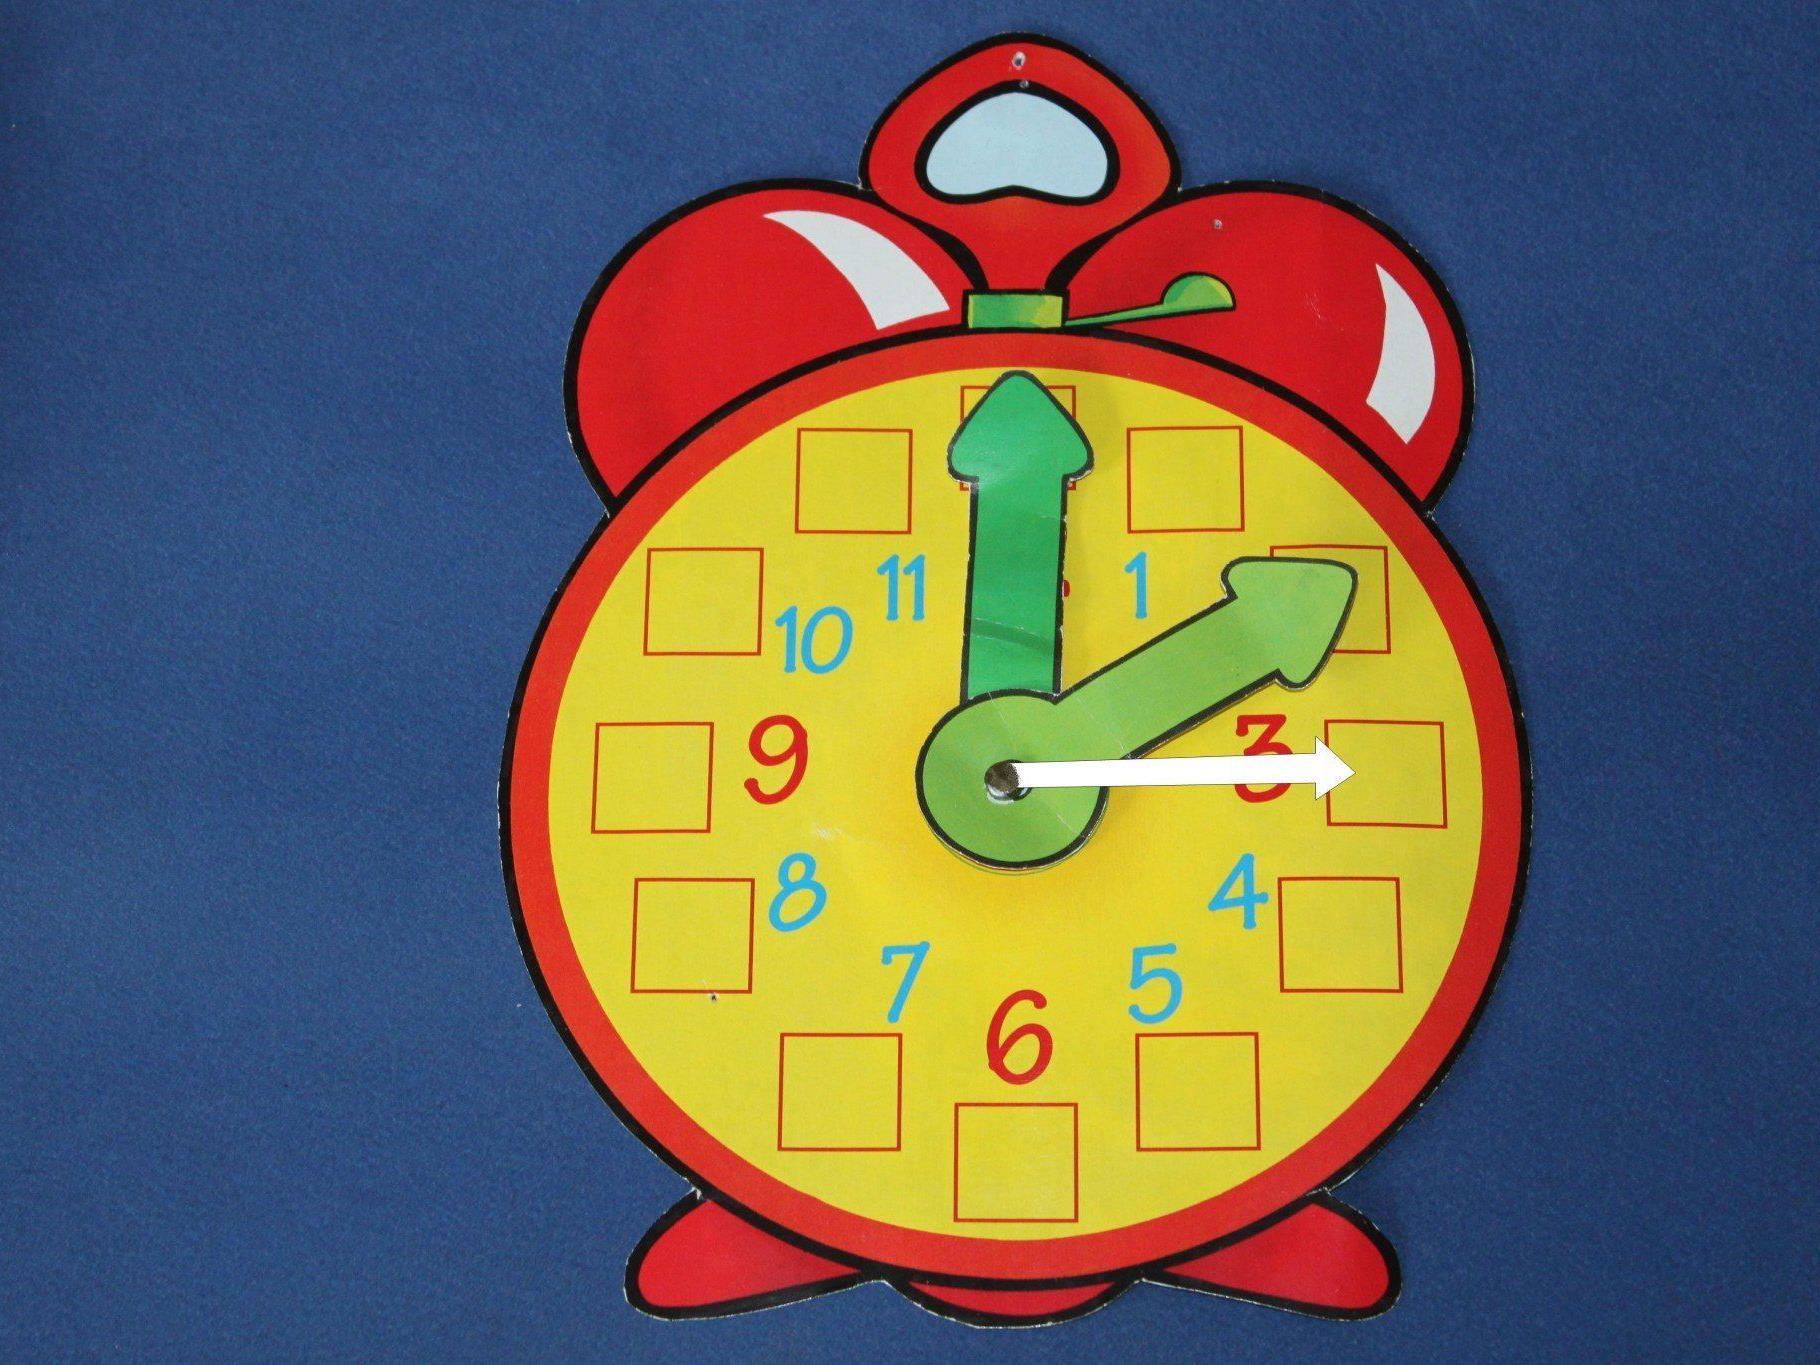 Am 30. März 2014 werden die Uhren von 2.00 auf 3.00 Uhr vorgestellt.